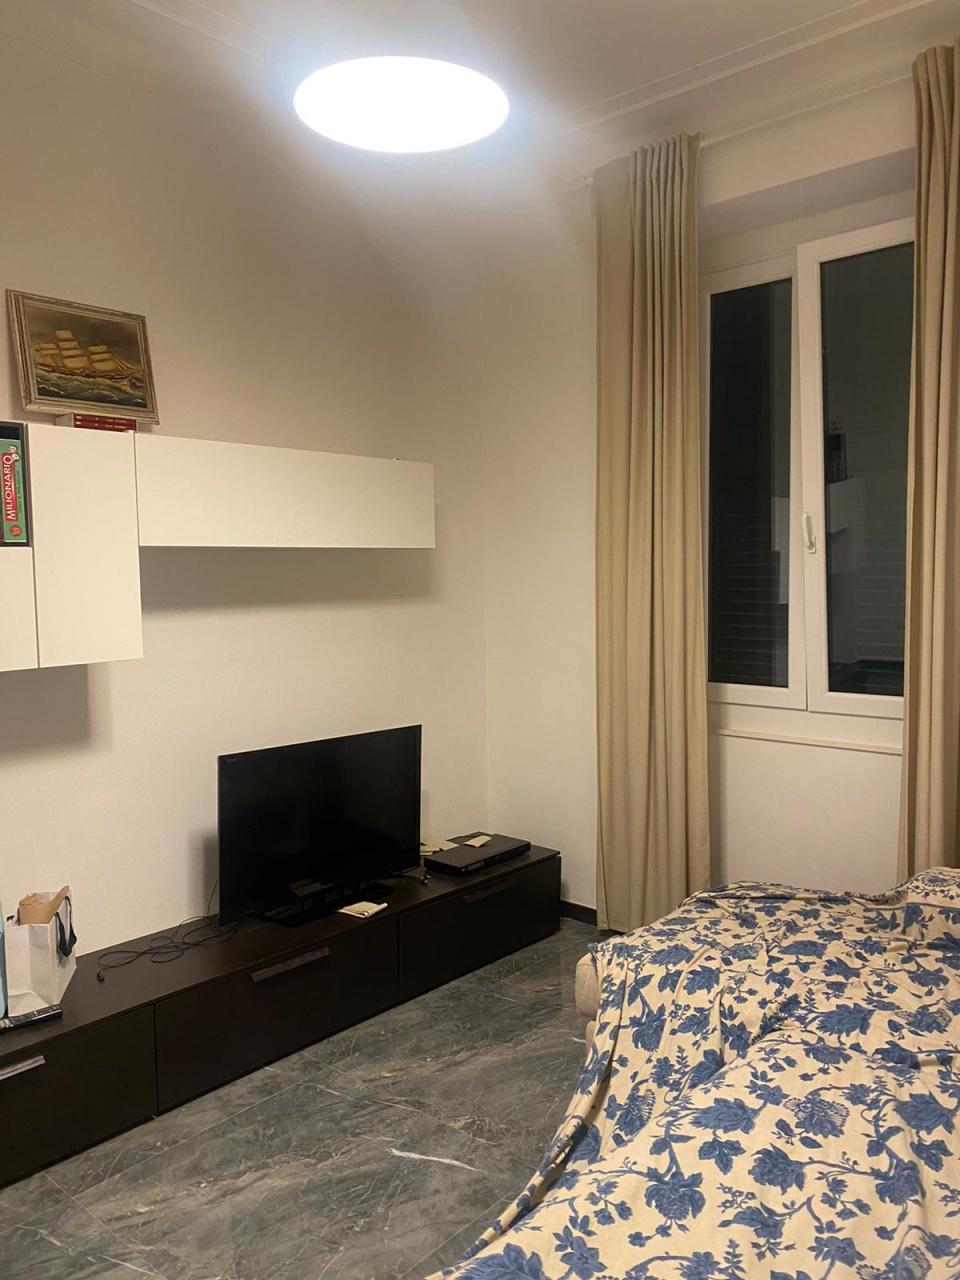 Appartamento quadrilocale in vendita a Genova (GE)